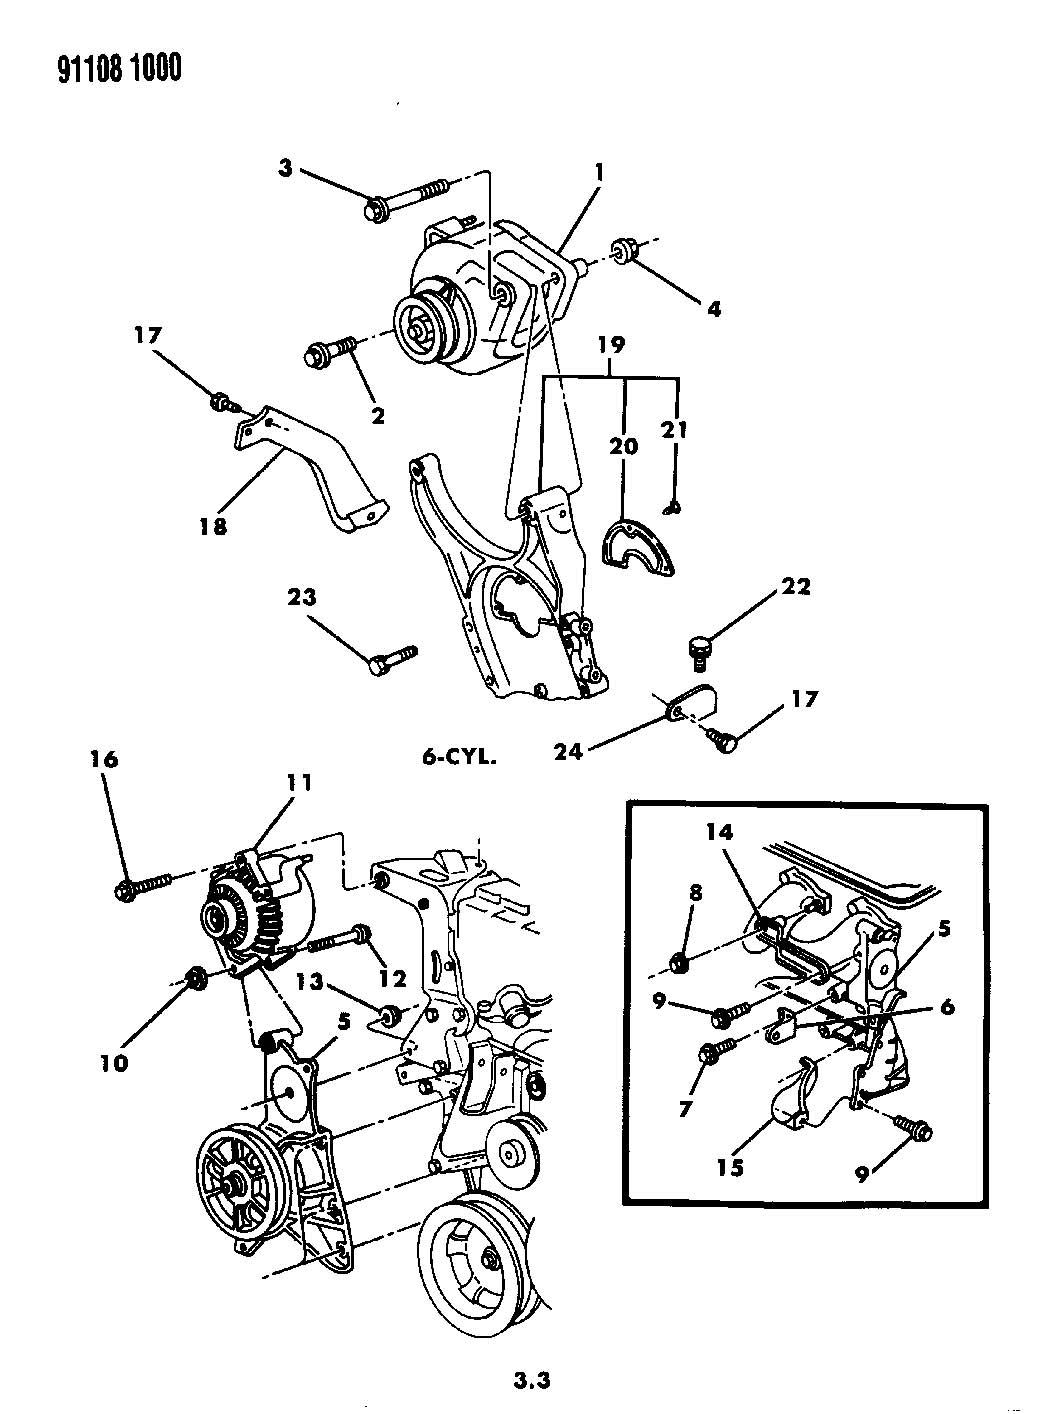 Plymouth Voyager Bracket Alternator Nippondenso